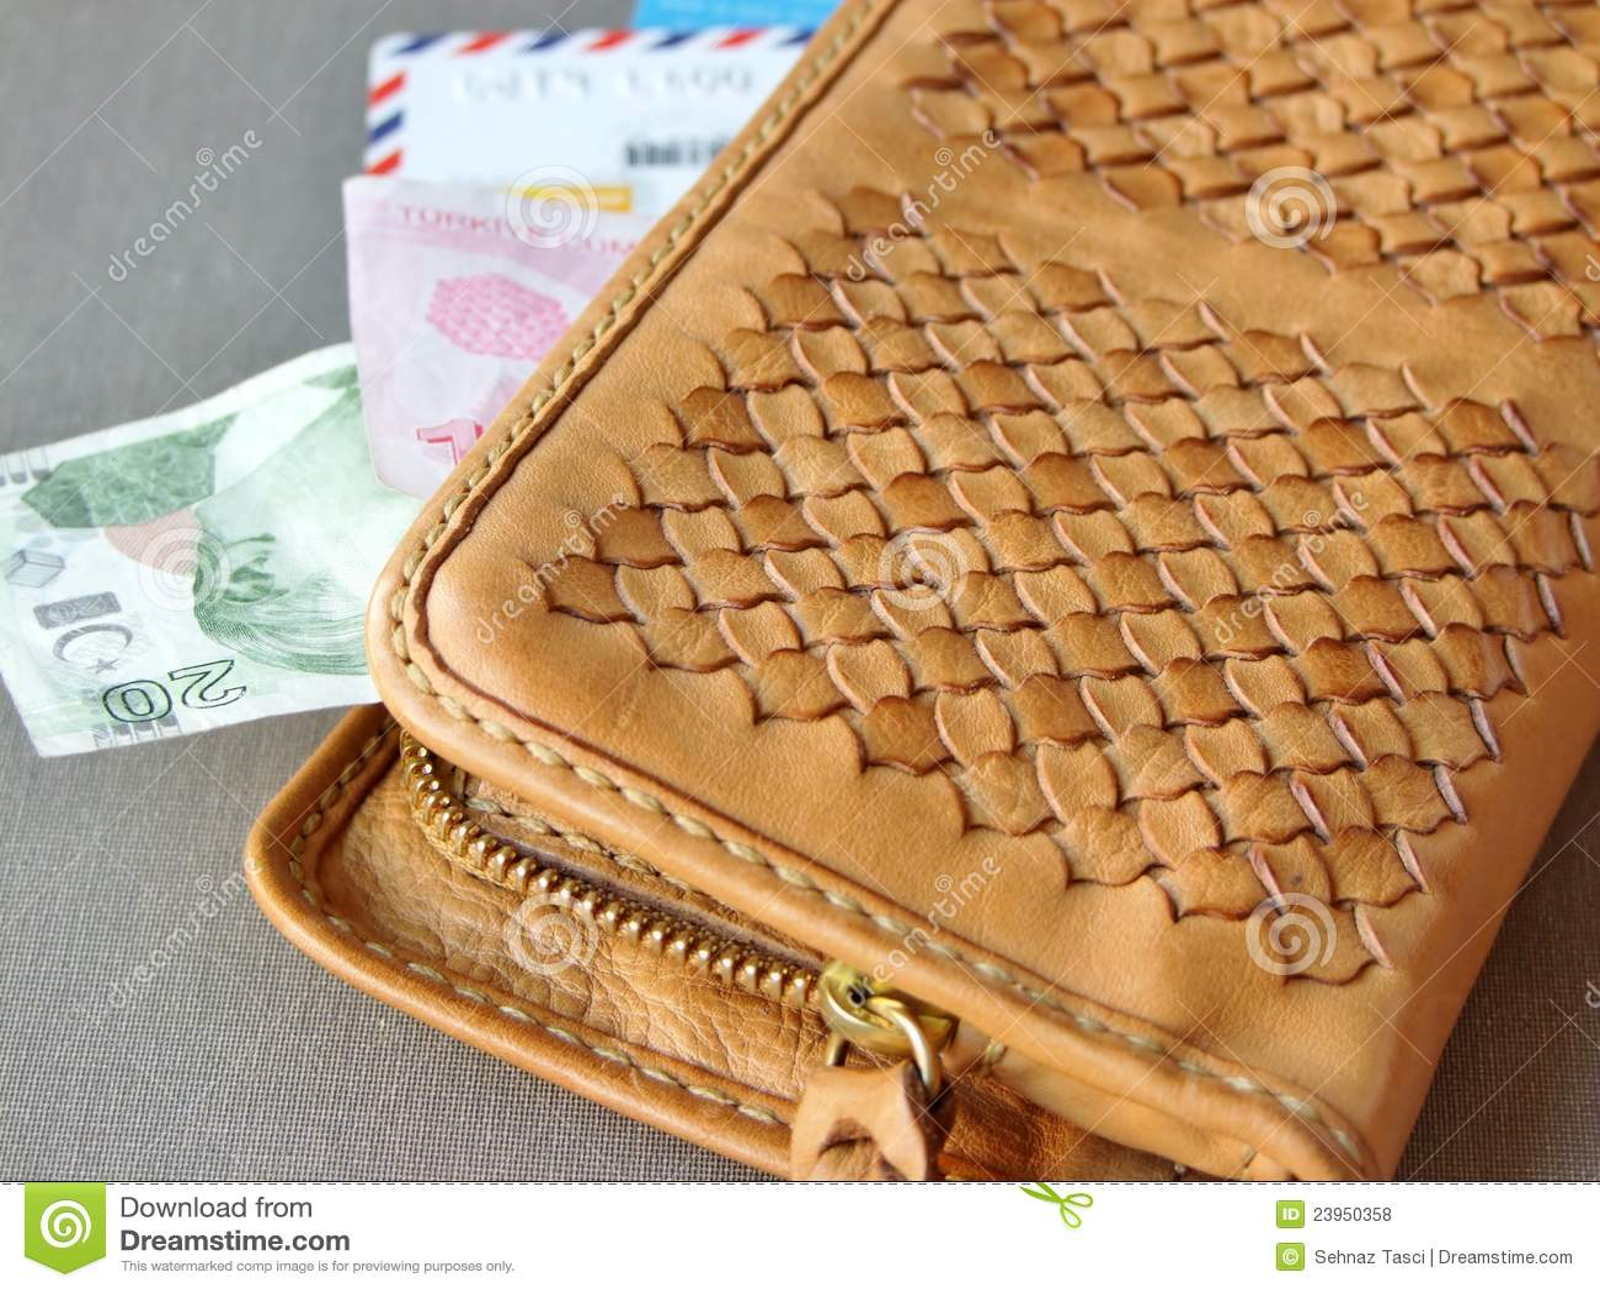 Brown-lederne Mappe mit Geld und Karten